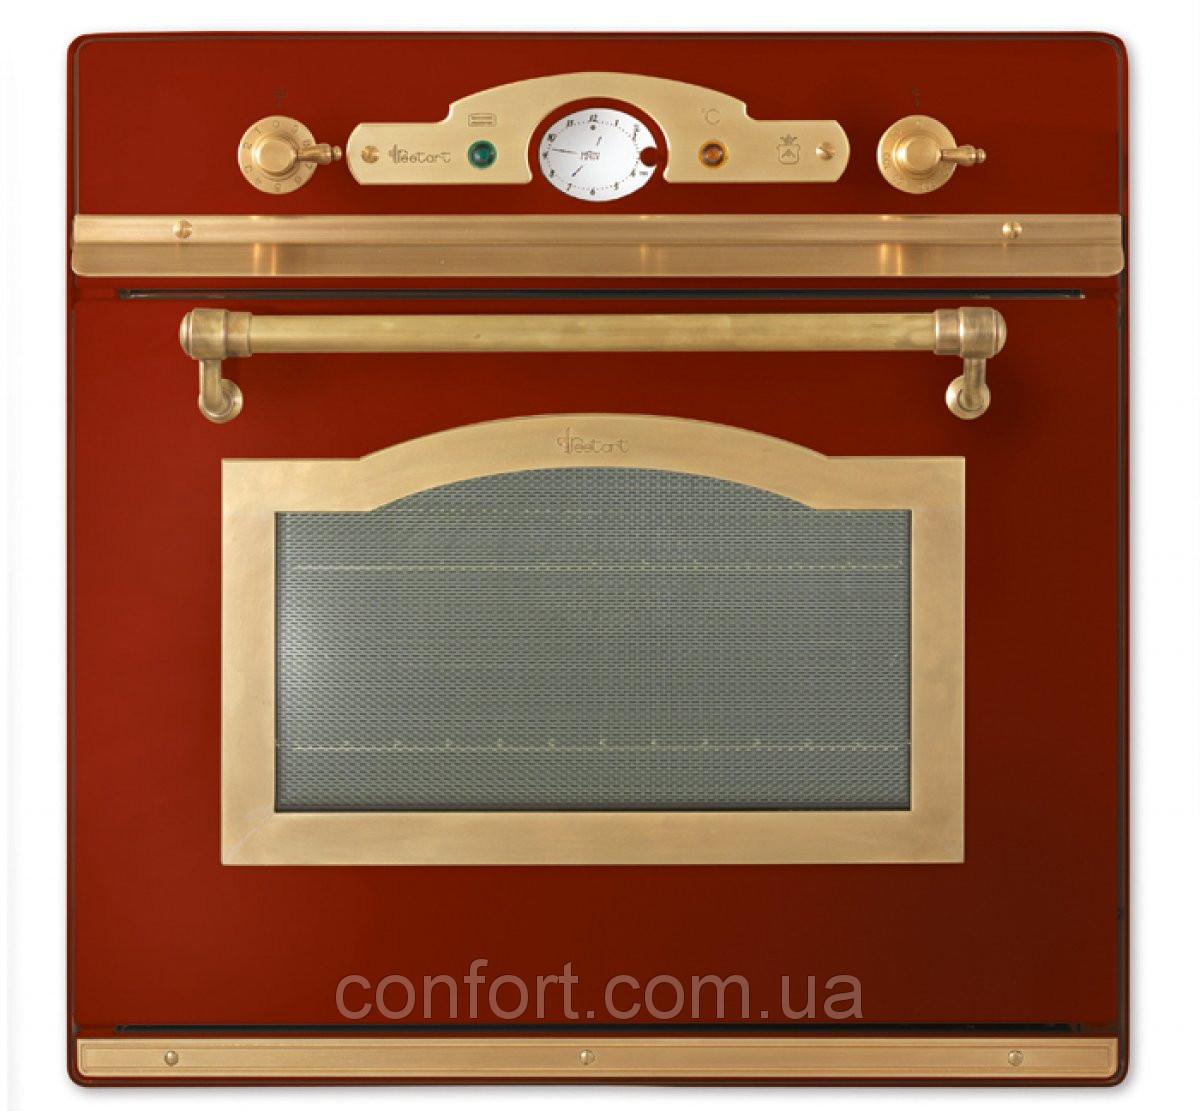 Вбудована духова шафа Restart ELF 061 / ELF 061G